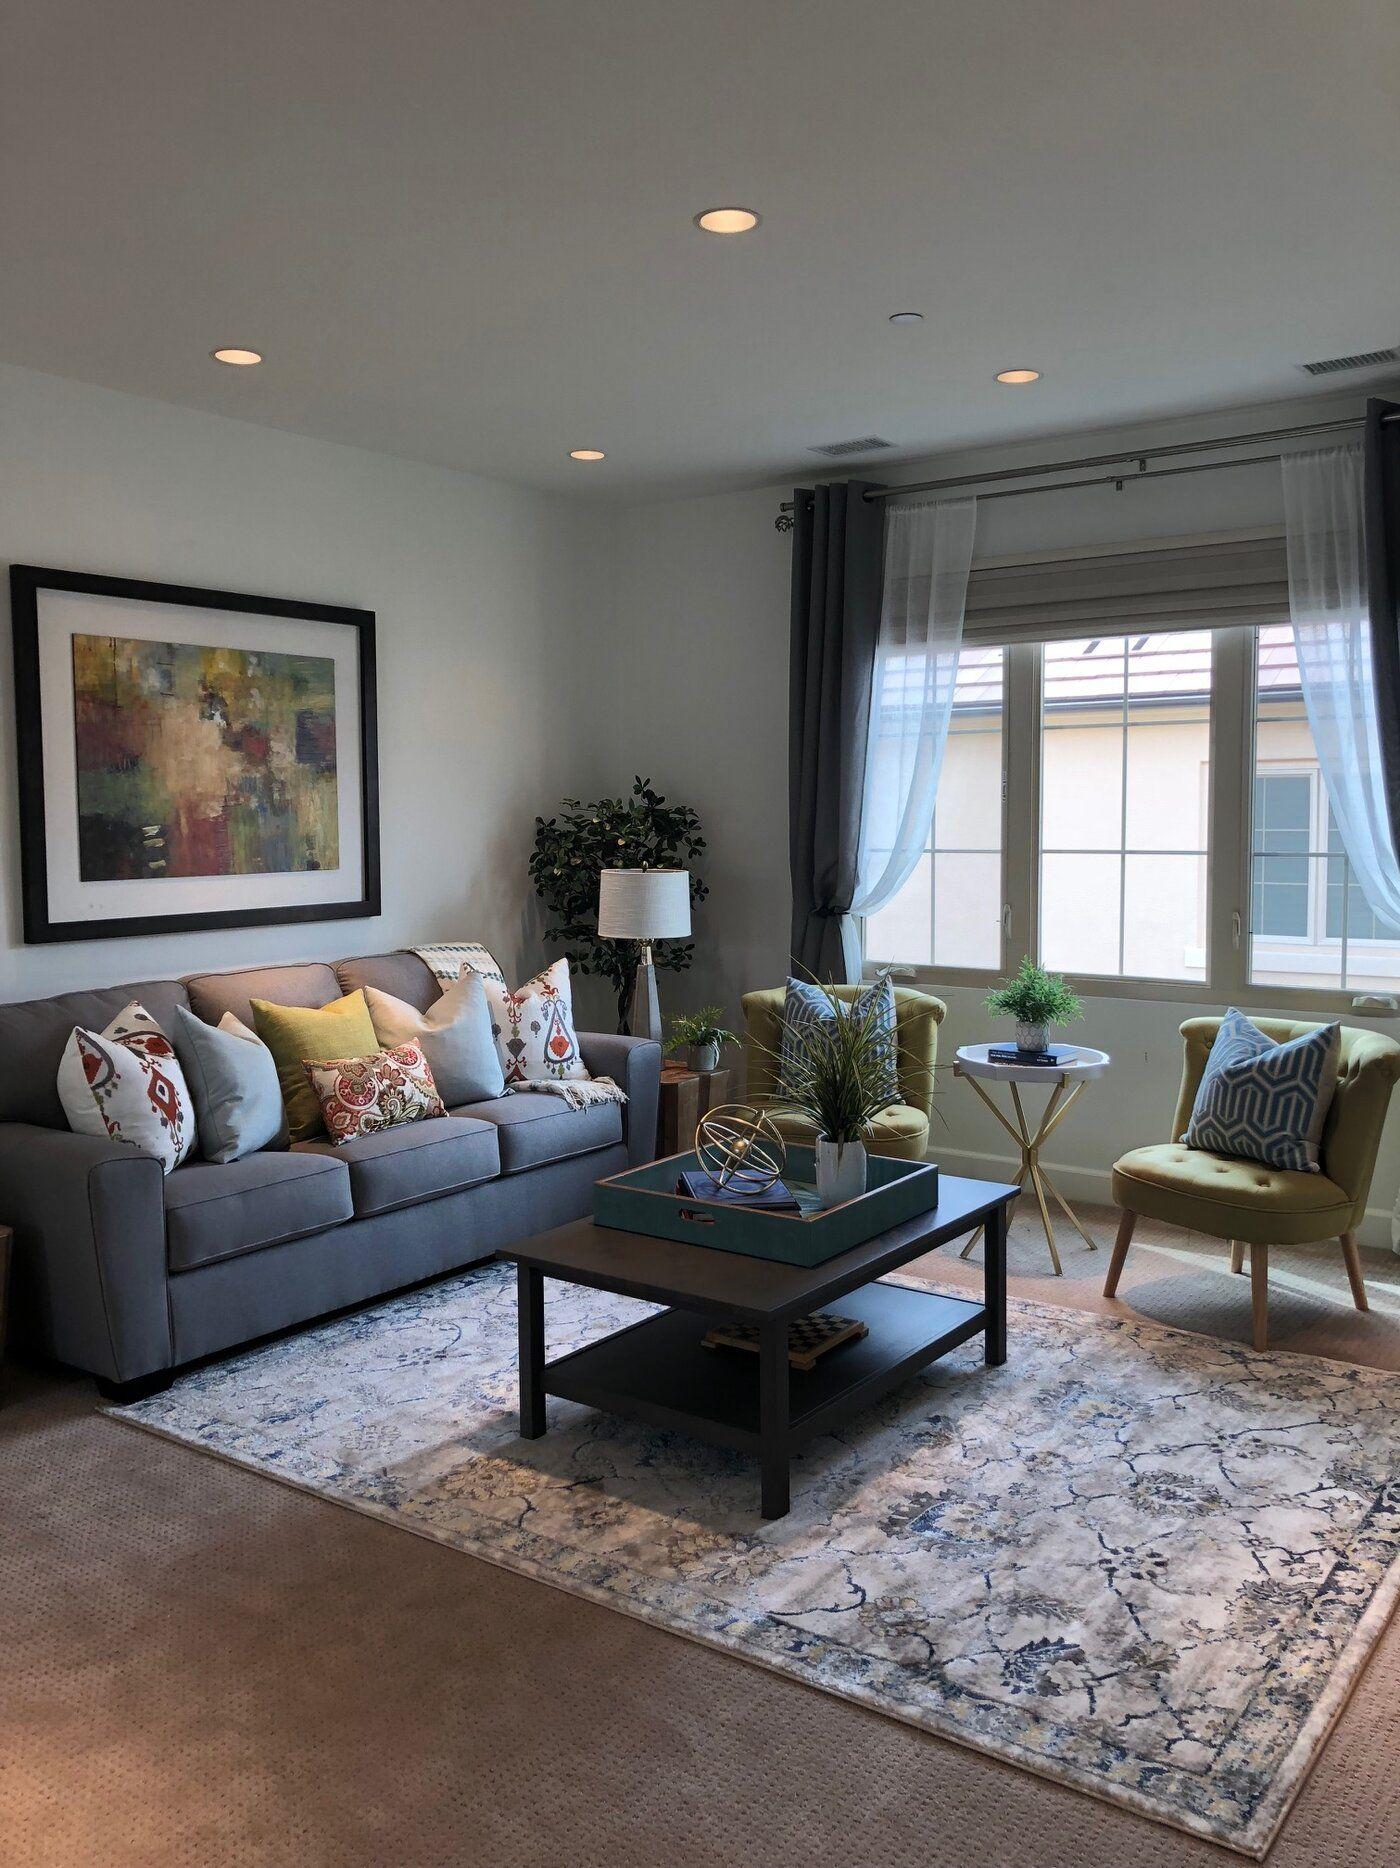 Leudelange 25 Slipper Chair Living Room Decor Traditional Living Room Designs Living Room Decor